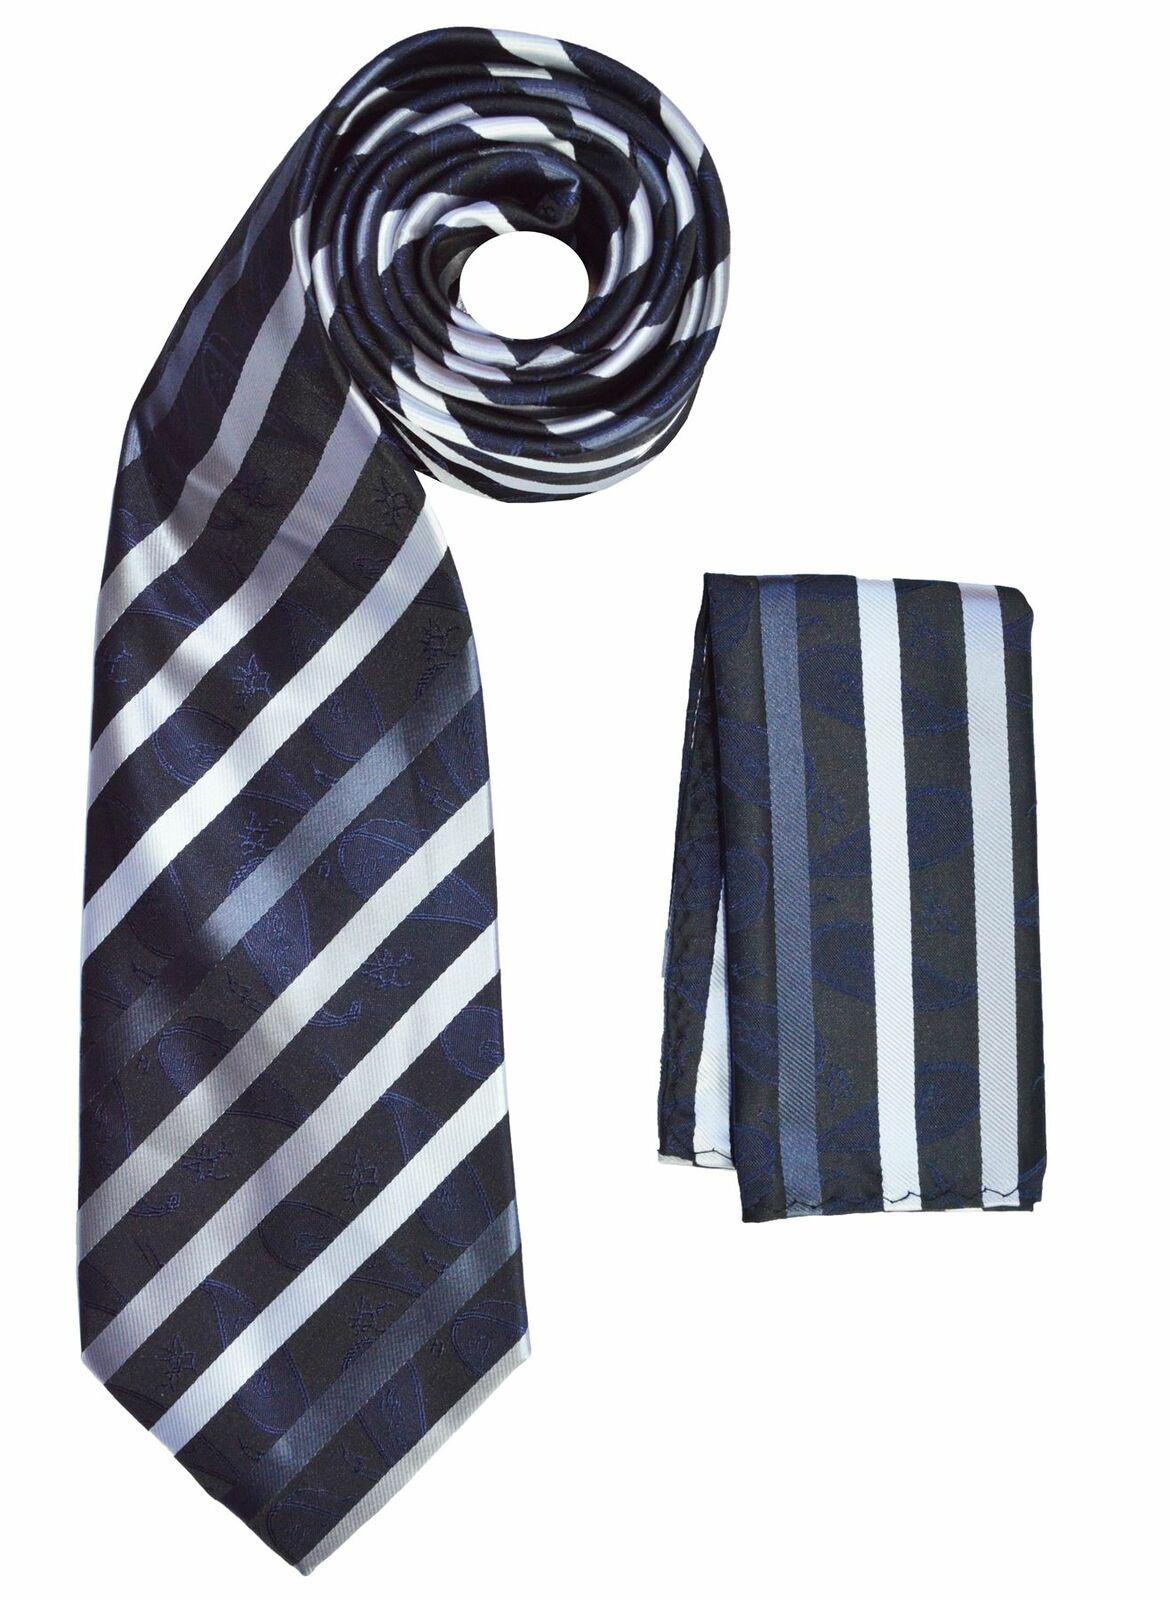 BERLIONI ITALY NECKTIE MATCHING SET FANCY LUXE NECKTIE W/HANKY TIES BLACK